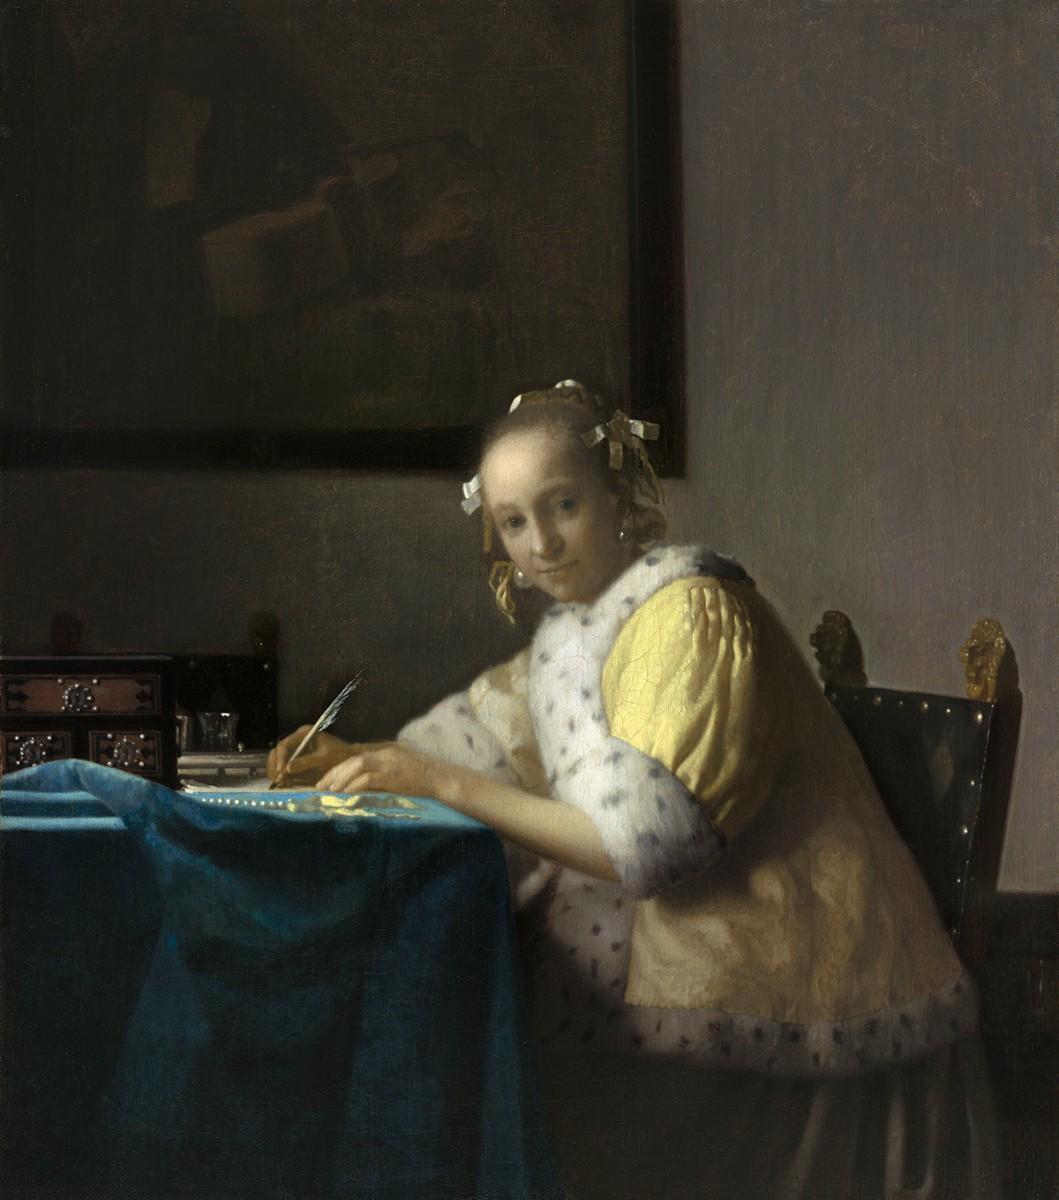 ヨハネス・フェルメール《手紙を書く女》1665年頃 ワシントン・ナショナル・ギャラリー National Gallery of Art, Washington, Gift of Harry Waldron Havemeyer and Horace Havemeyer, Jr., in memory of their father, Horace Havemeyer, 1962.10.1